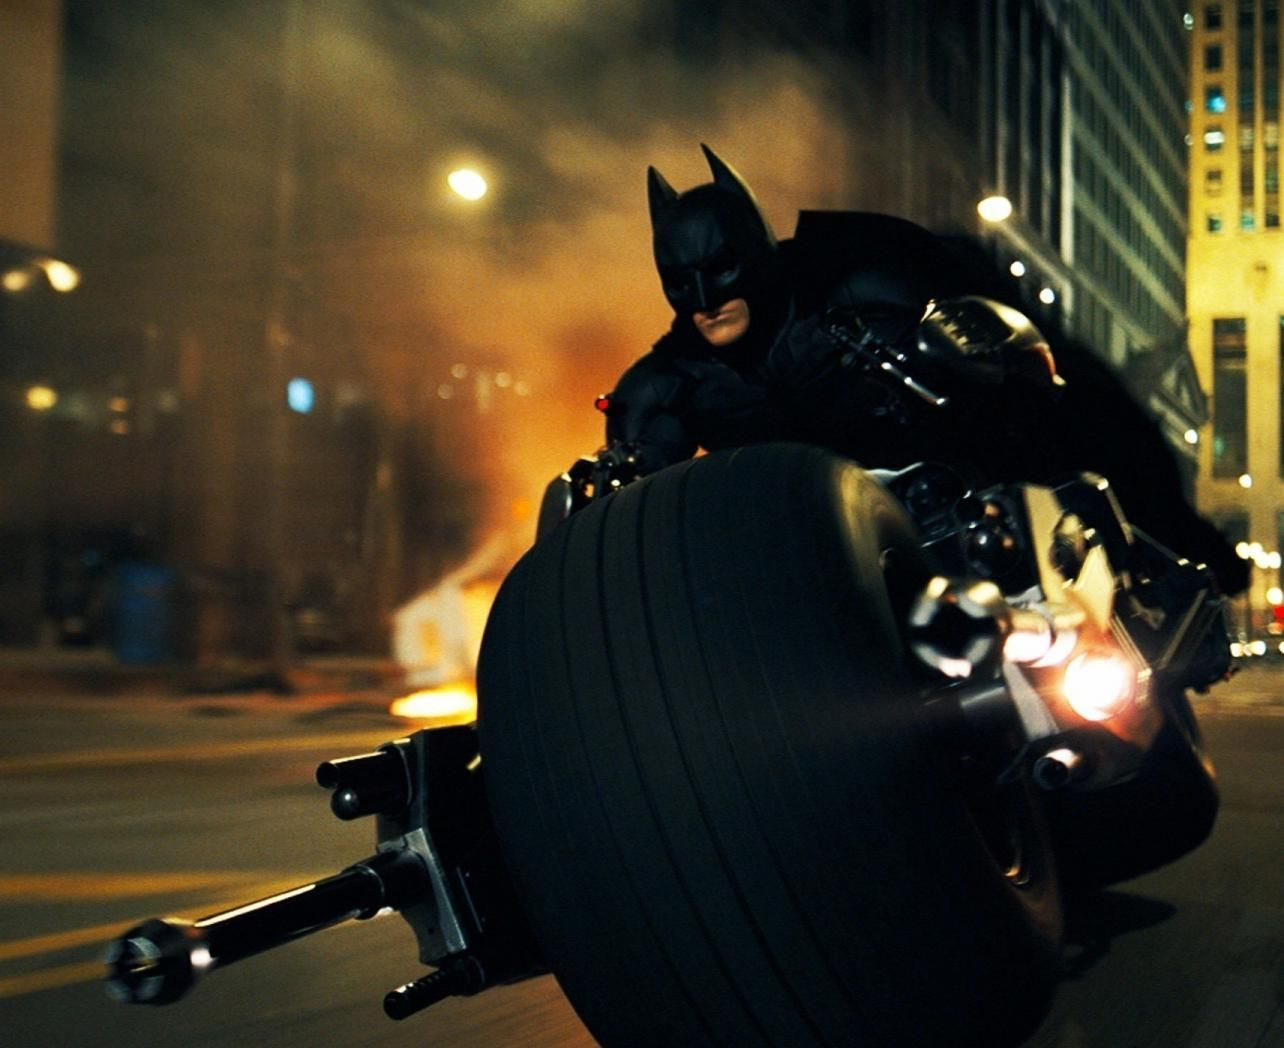 بالصور أفضل المحركات التي قادها باتمان Batman السيارات ارابيا Famous Cinema Movies Stars Batman The Dark Knight Dark Knight Wallpaper Batman Film